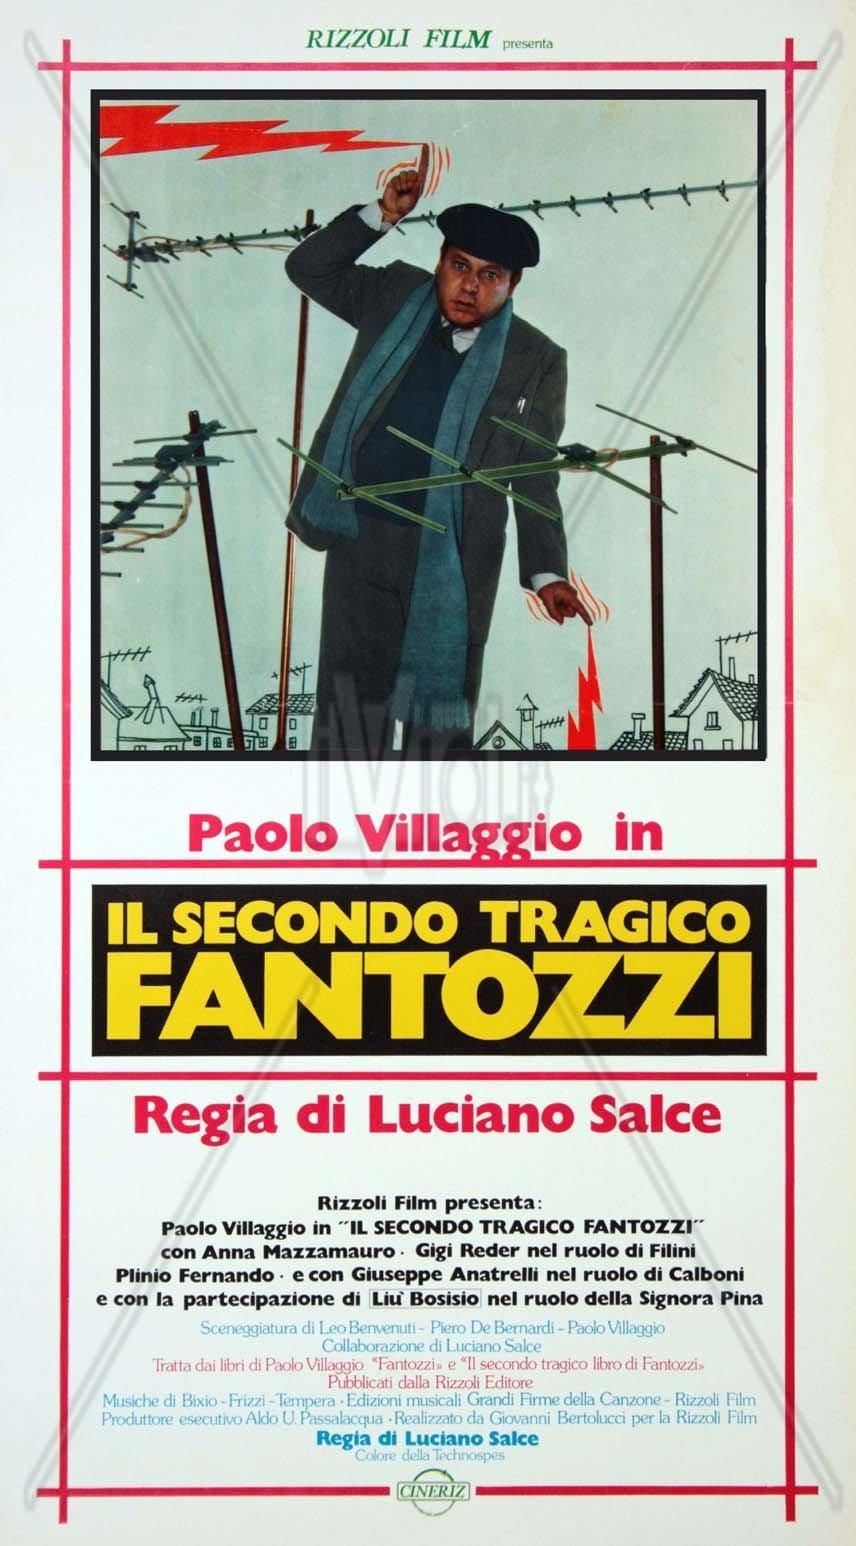 ფანტოცი მეორე ტრაგიკული / Il secondo tragico Fantozzi